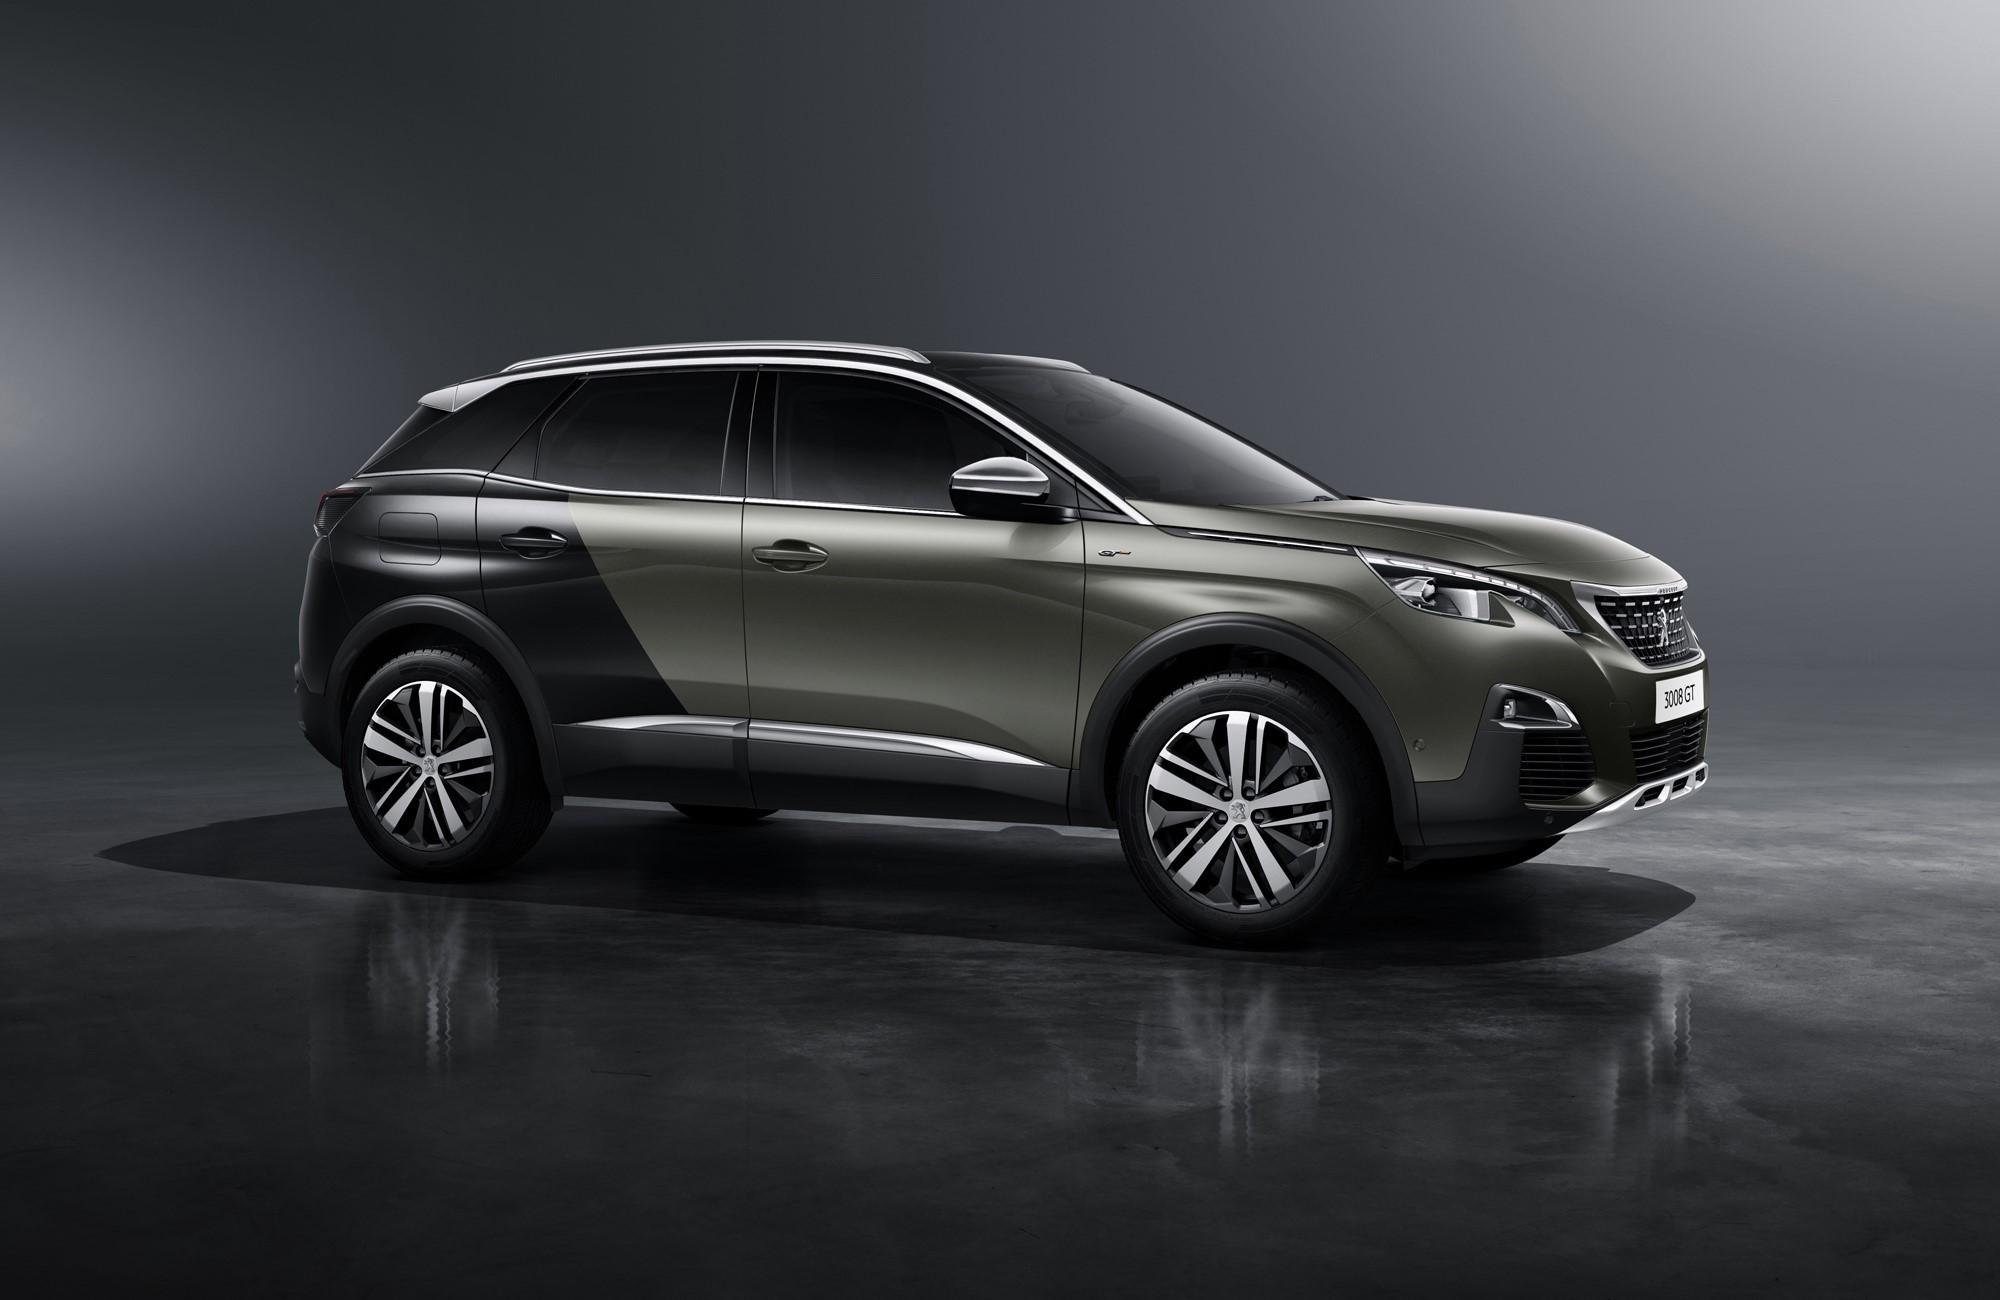 Peugeot 3008 images